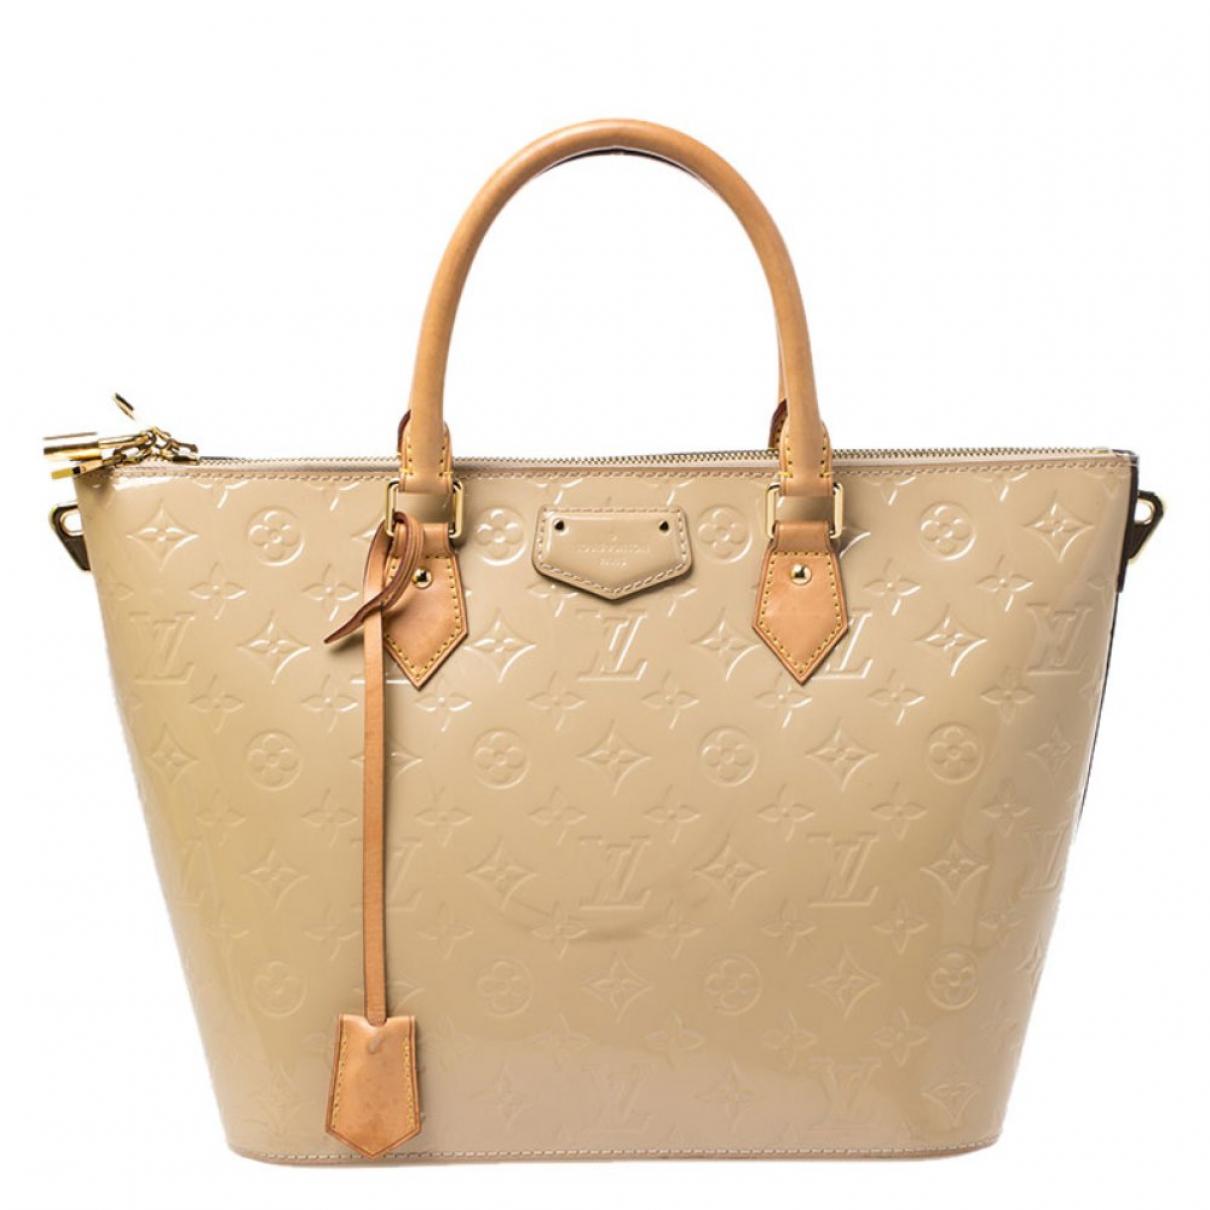 Louis Vuitton - Sac a main Florentine pour femme en toile - beige